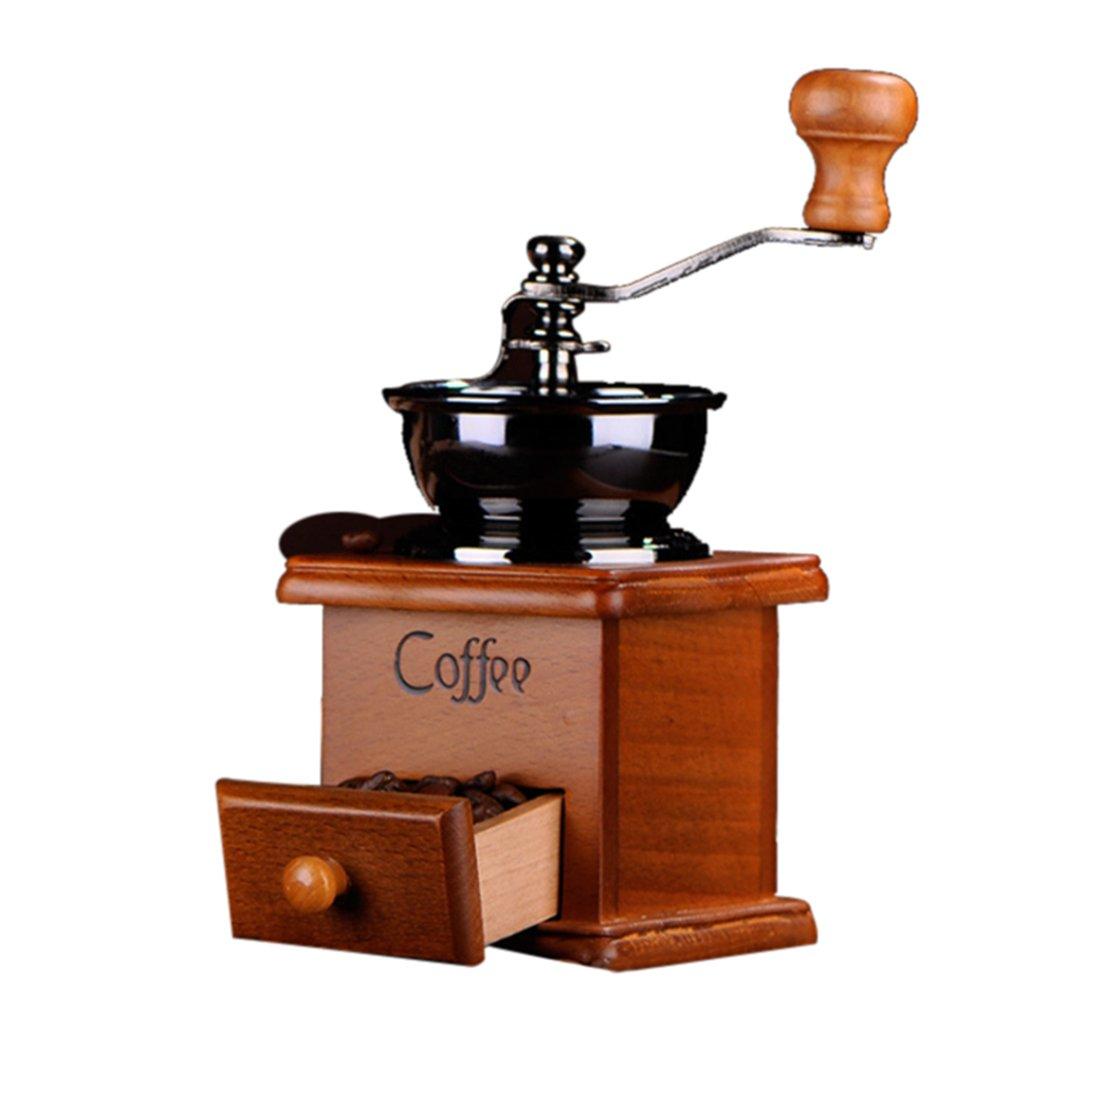 Kaffeemühlen  Manuelle Kaffeemühlen | Amazon.de